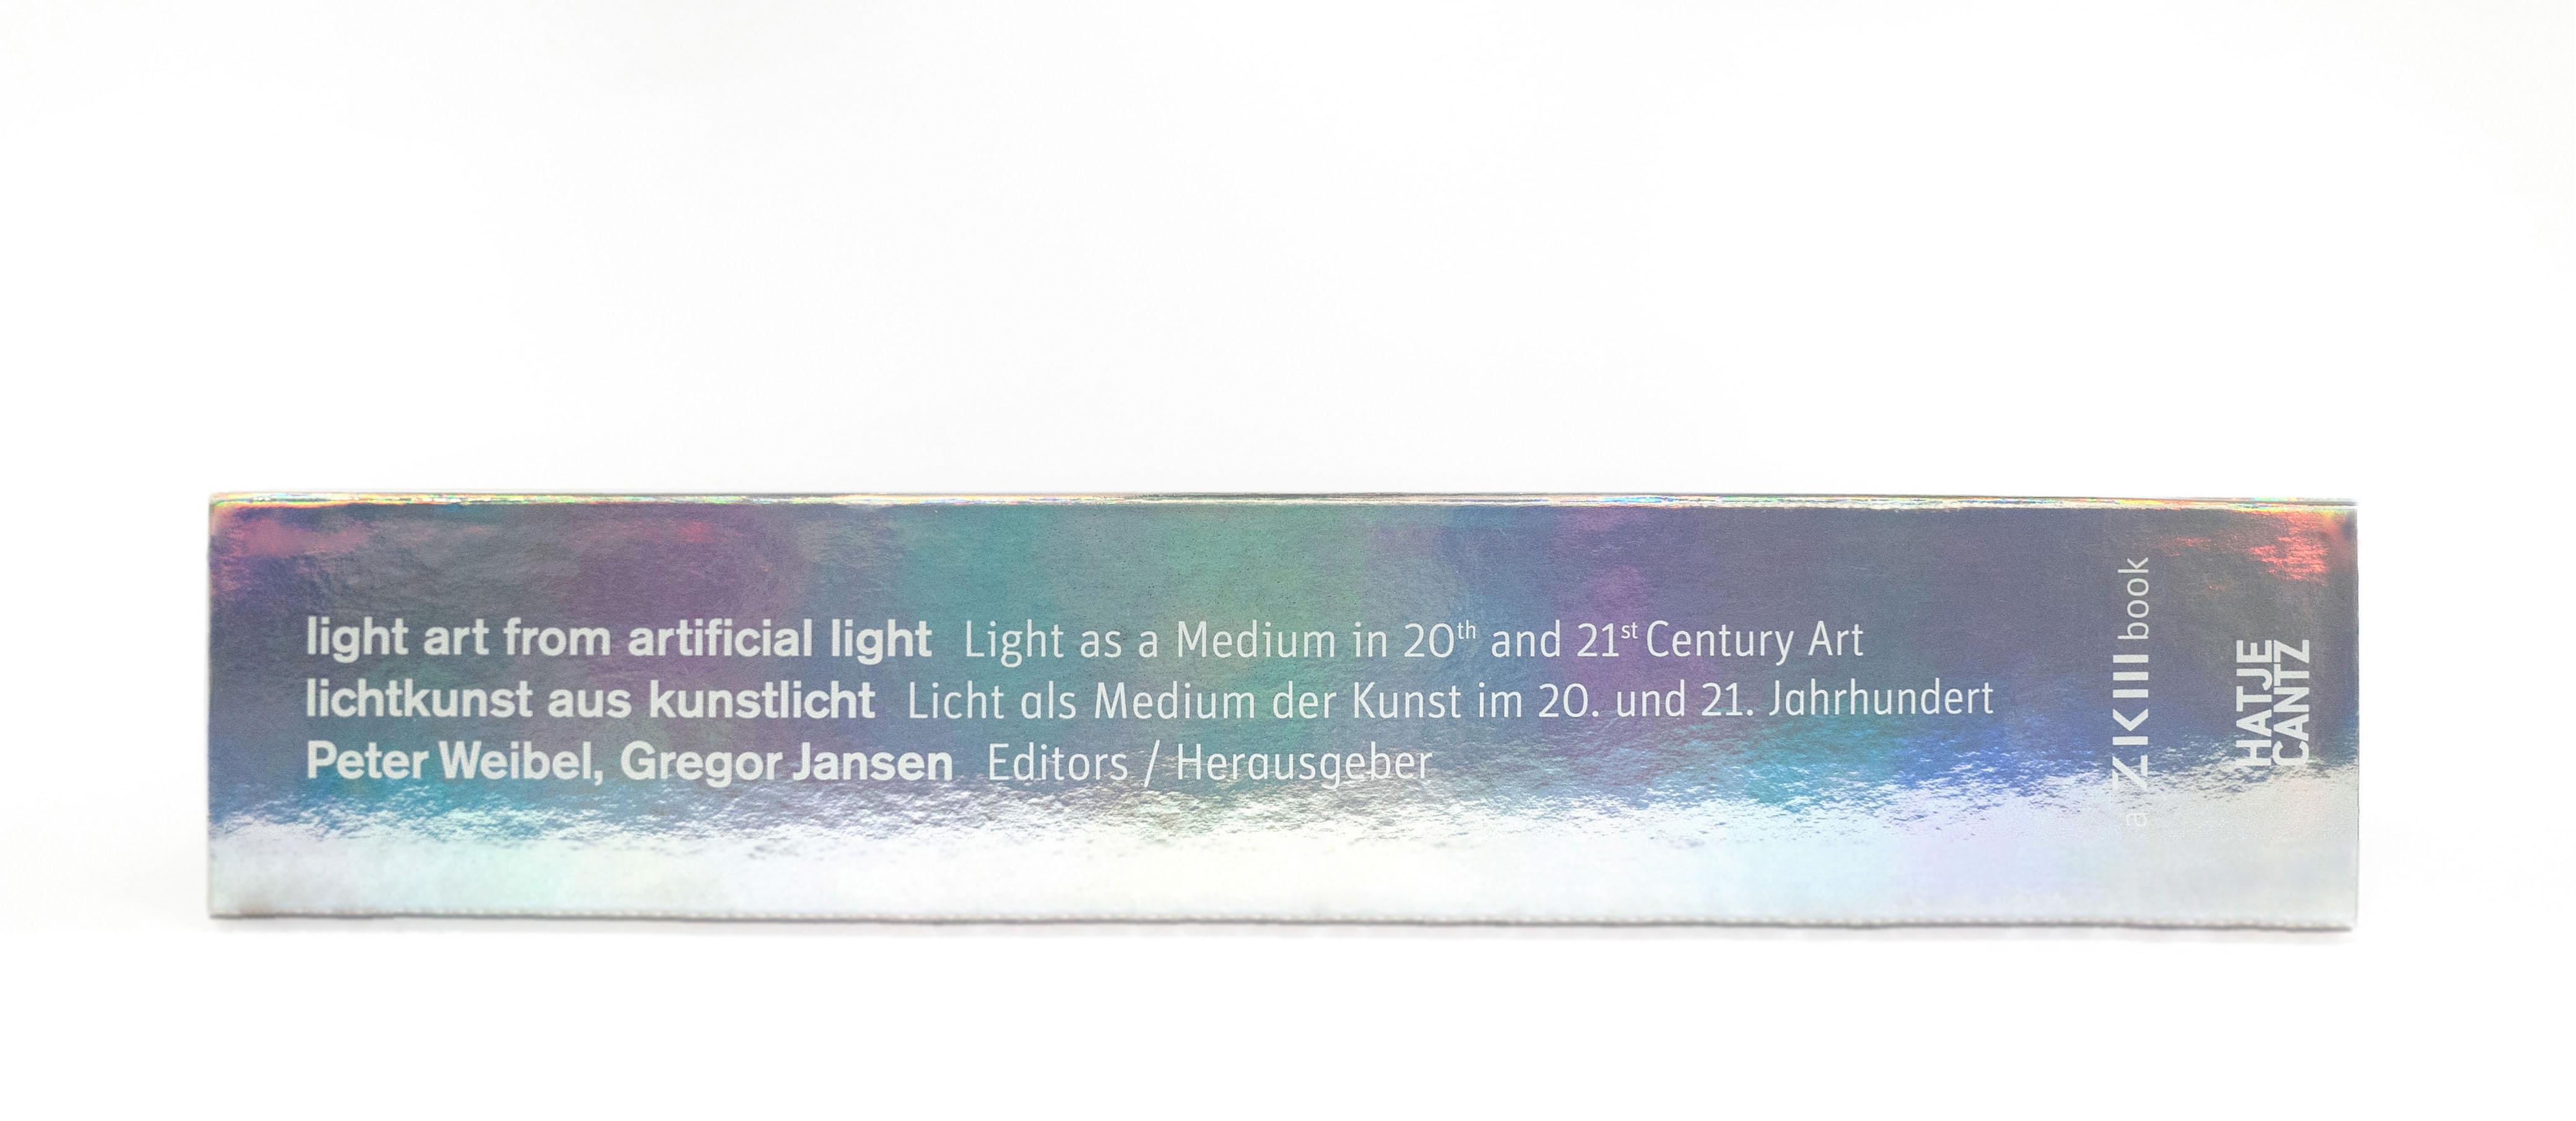 Lichtkunst aus Kunstlicht / Light Art from Artificial Light